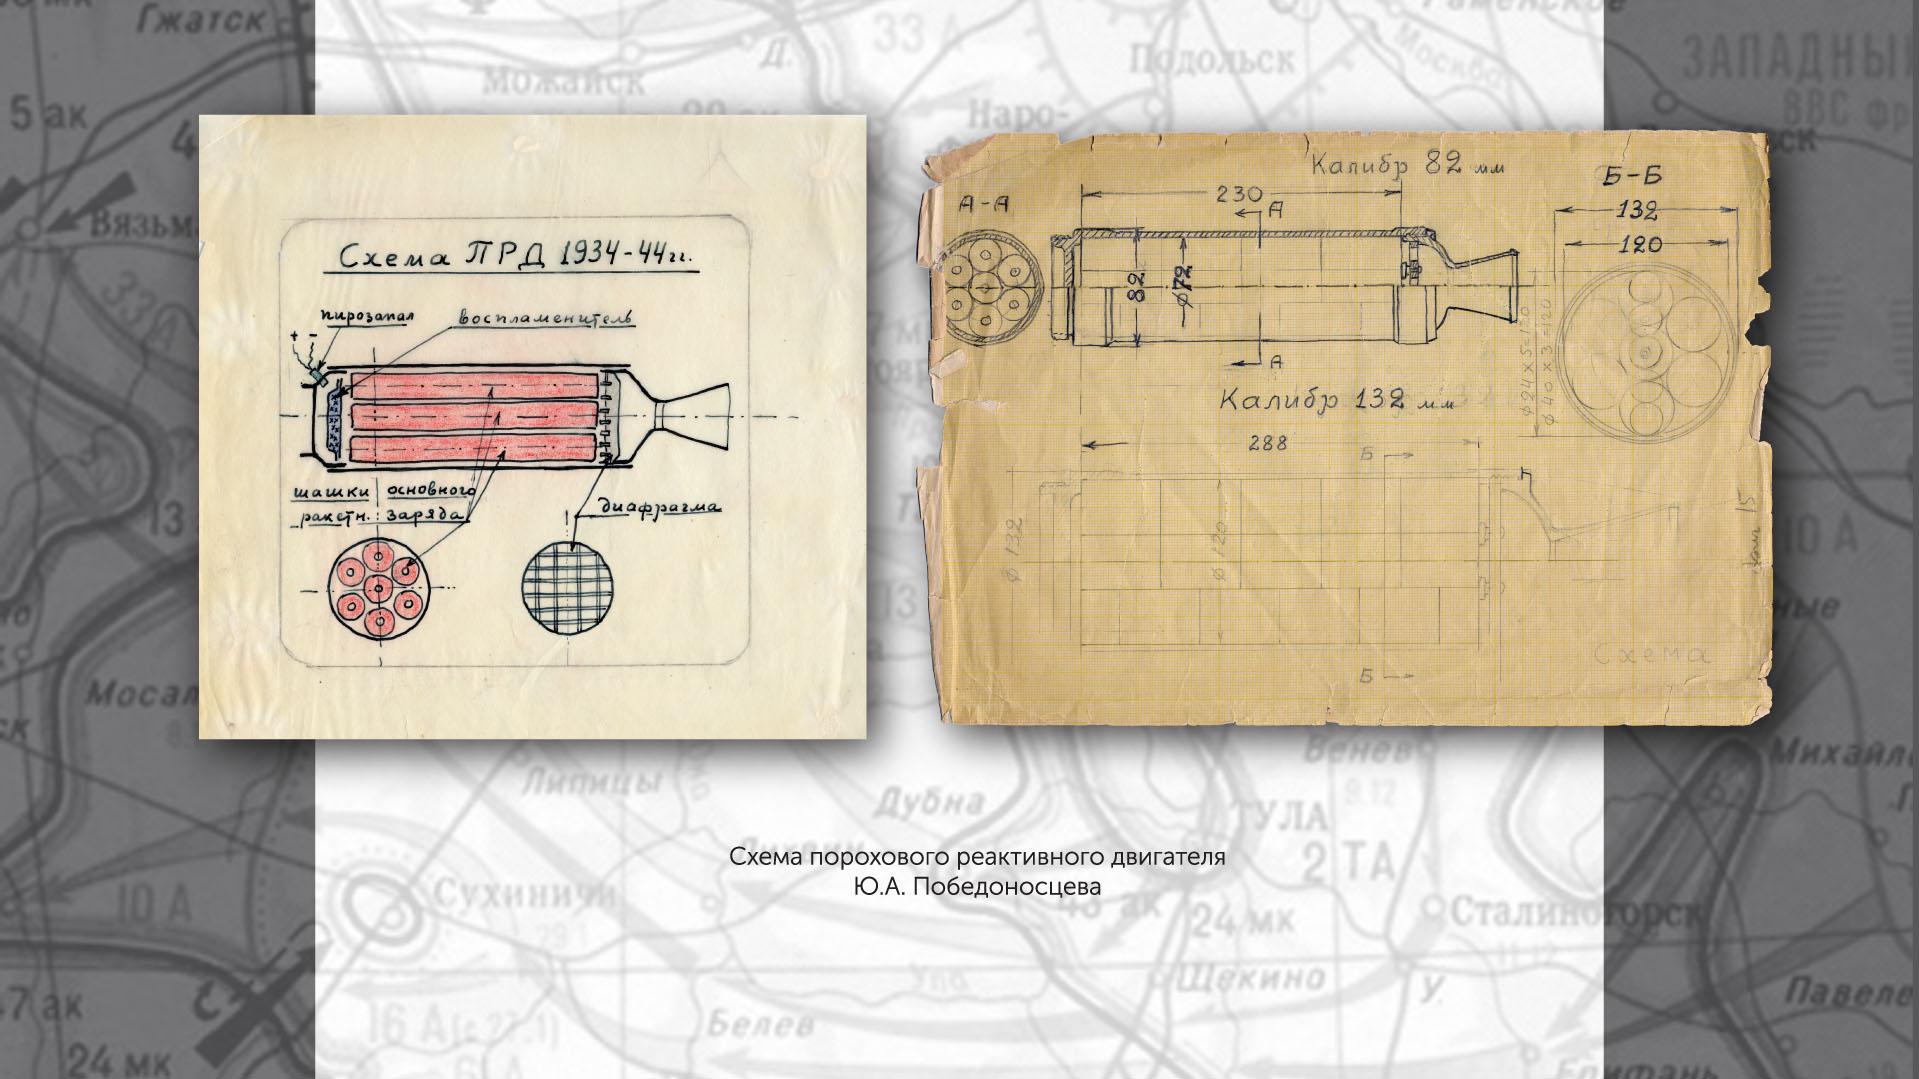 Схема порохового реактивного двигателя Ю.А. Победоносцева